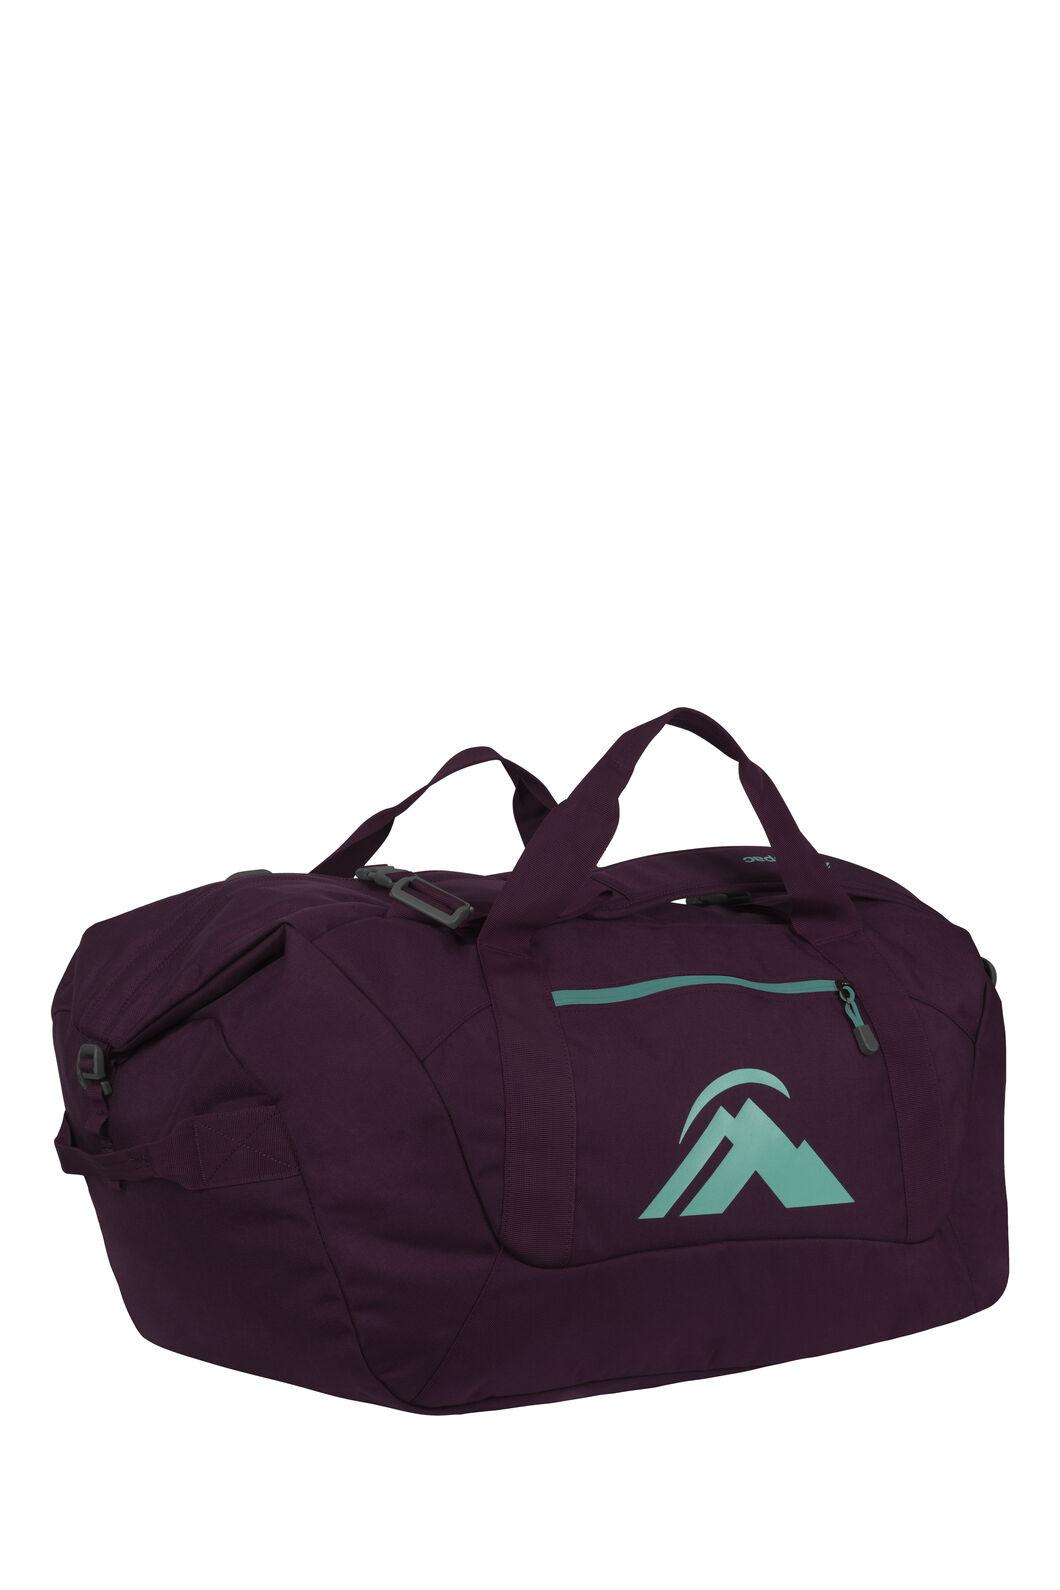 Macpac Duffel 80L 1.1, Potent Purple, hi-res